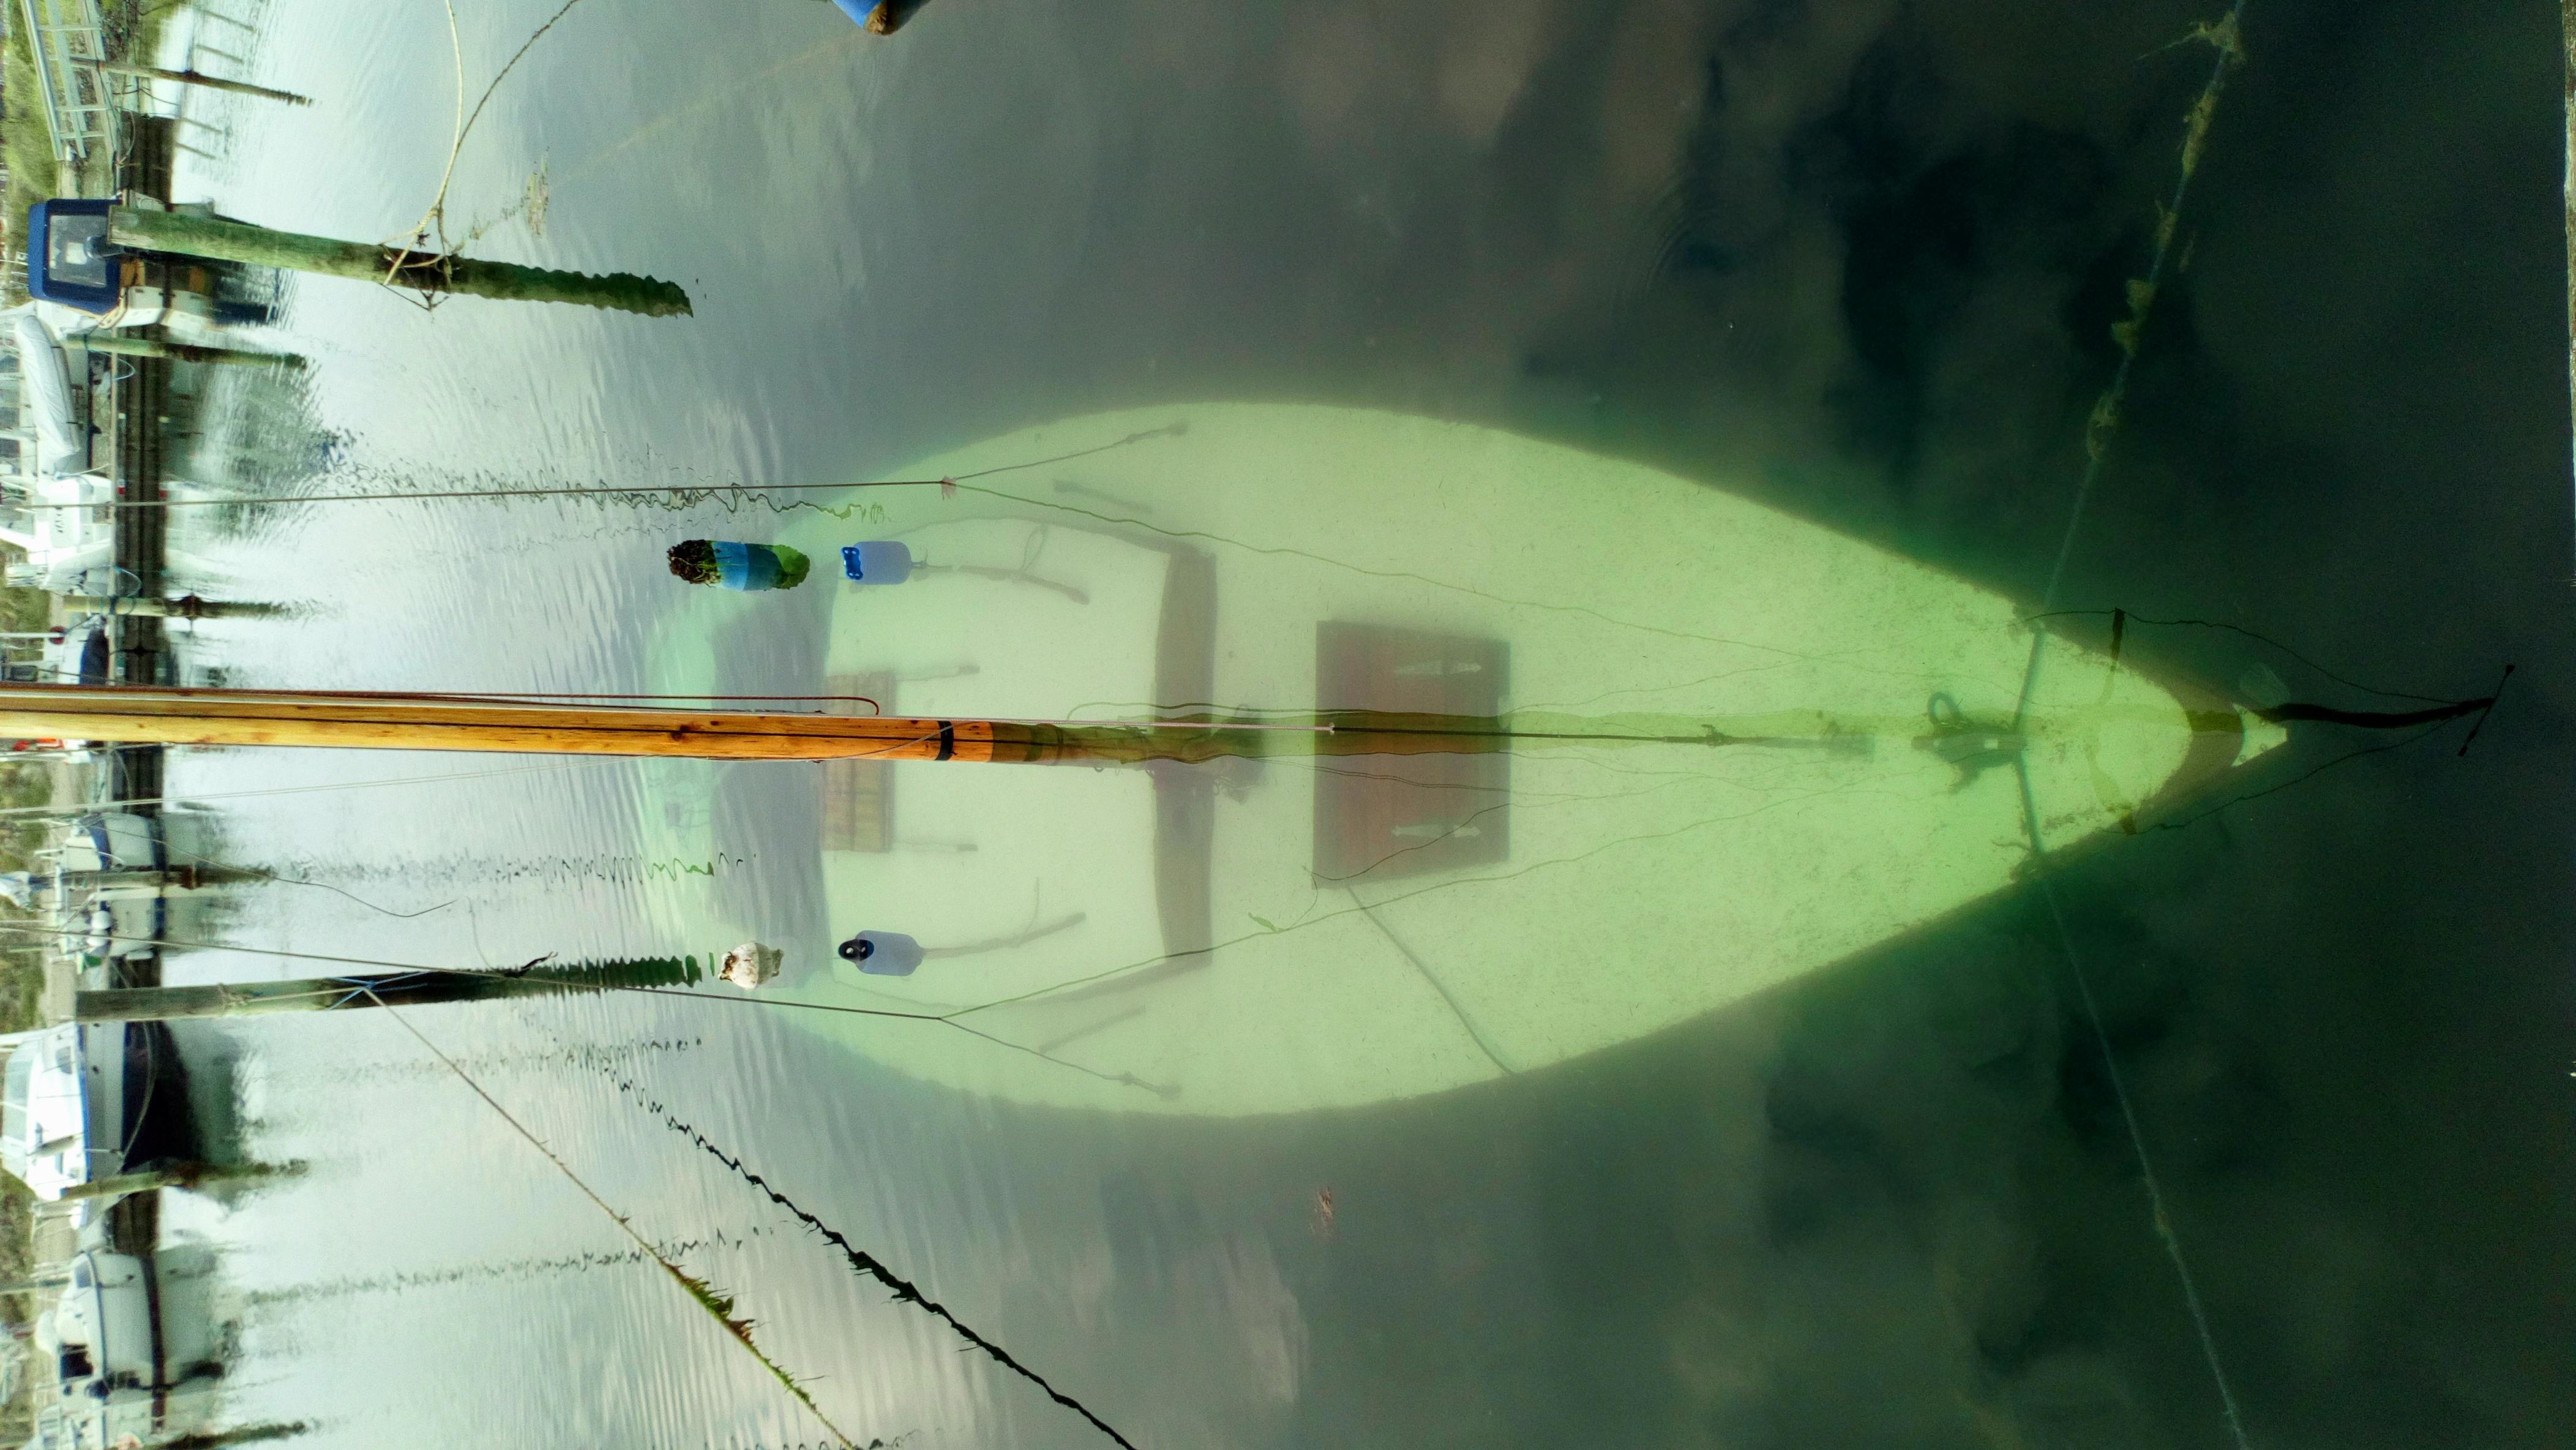 sunket sejlbåd